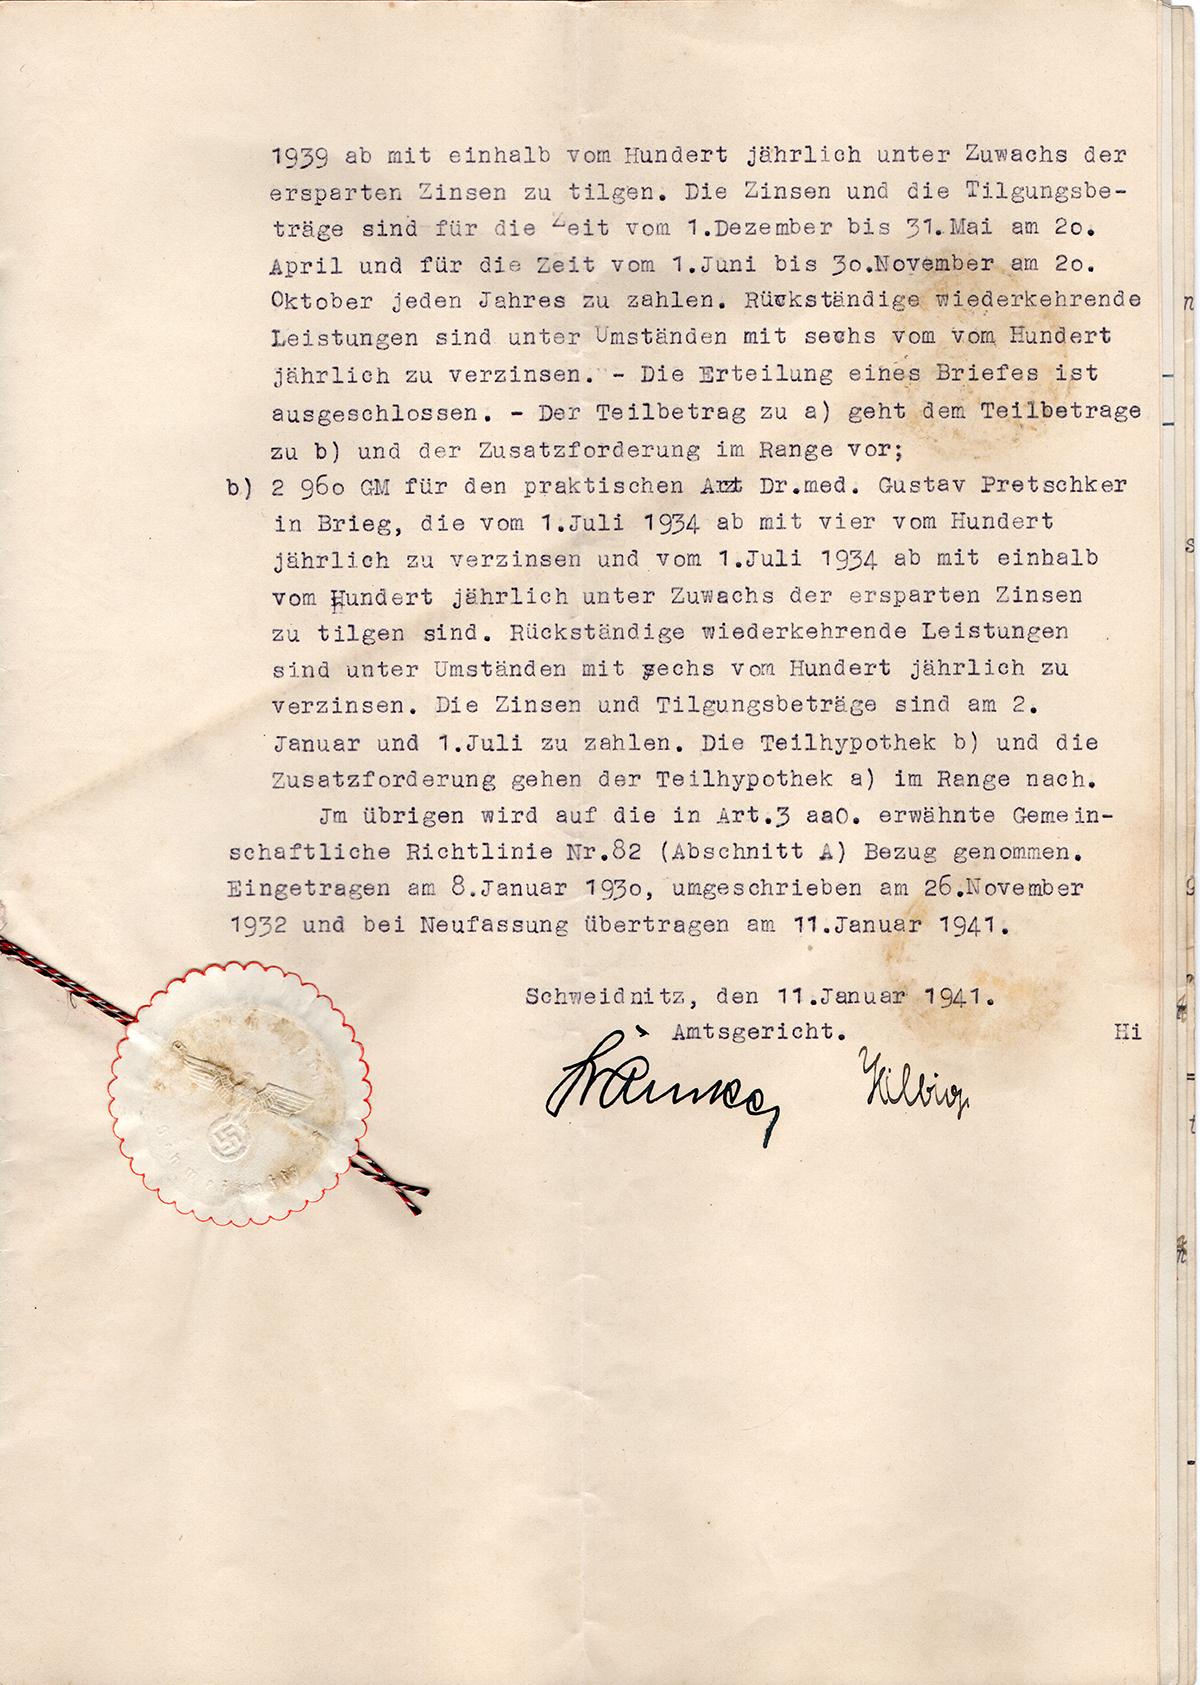 Pożyczka hipoteczna mieszkańca Konradswaldau Martina Langera 1929 (5)